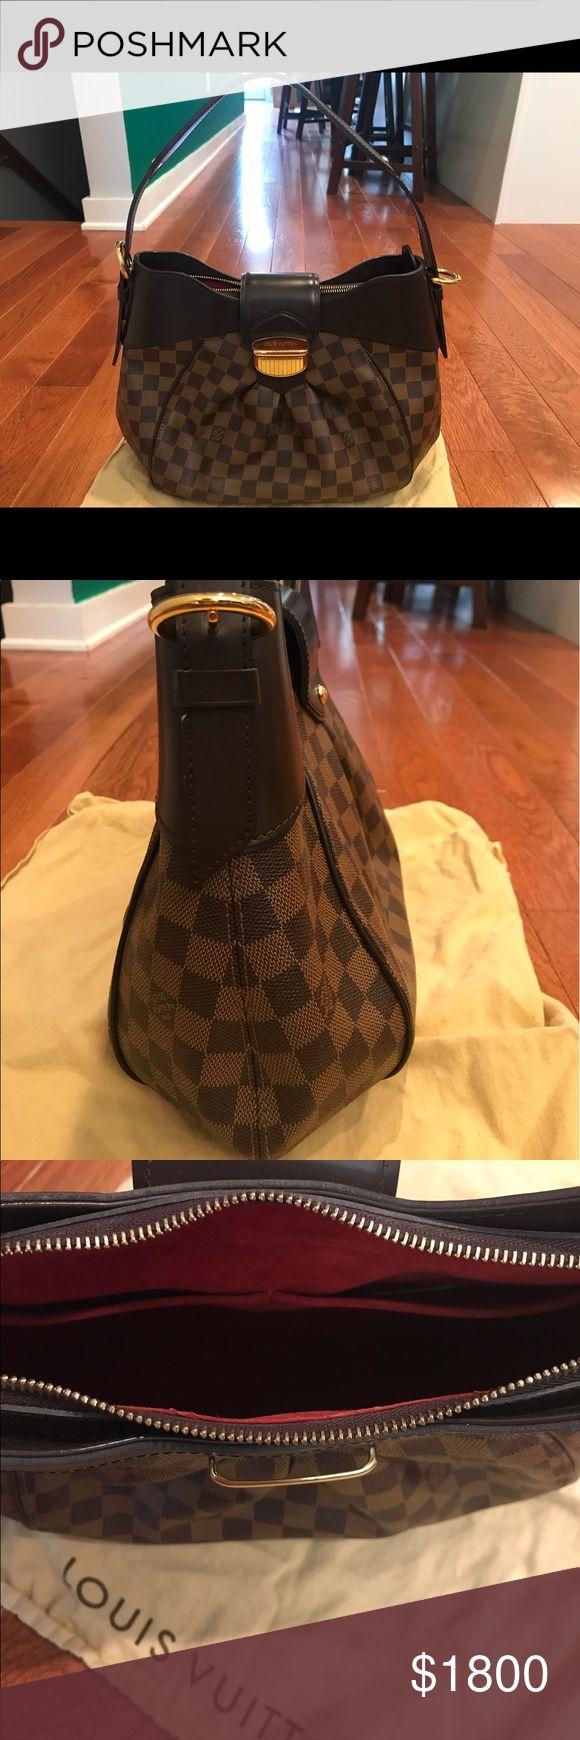 👜Authentic Louis Vuitton Damier Ebene Purse 👜 Authentic Louis Vuitton Damier Ebene Canvas Sistina  Purse - Excellent condition - Pre owned Louis Vuitton Bags Shoulder Bags